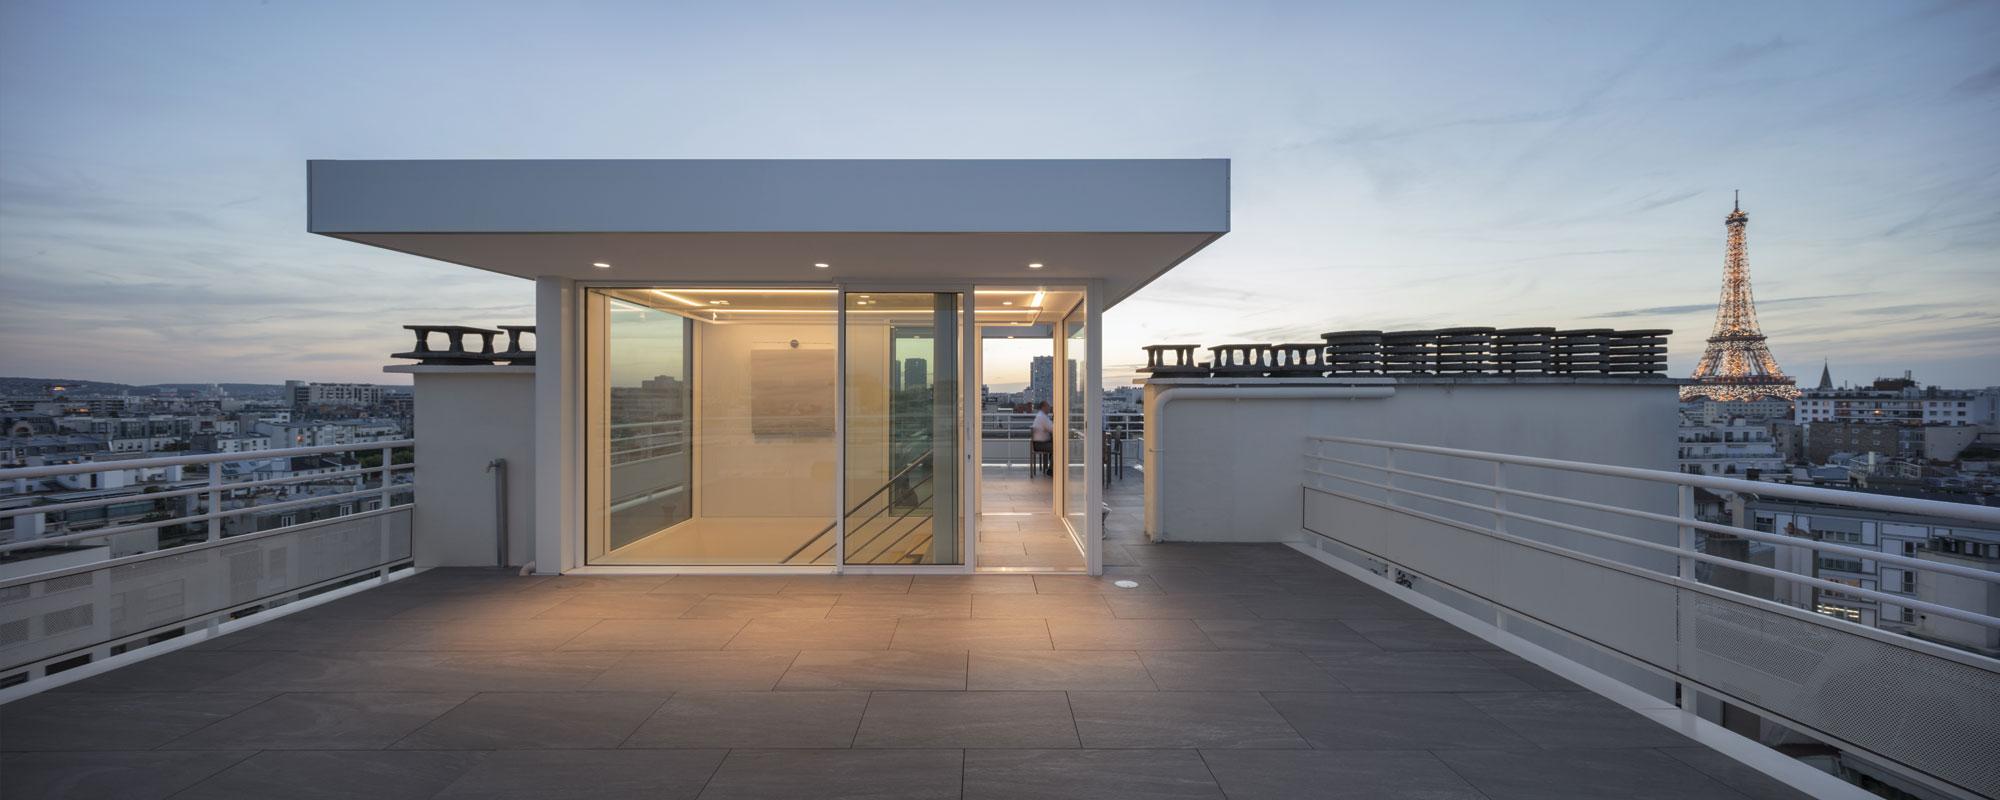 Le projet for La toiture terrasse